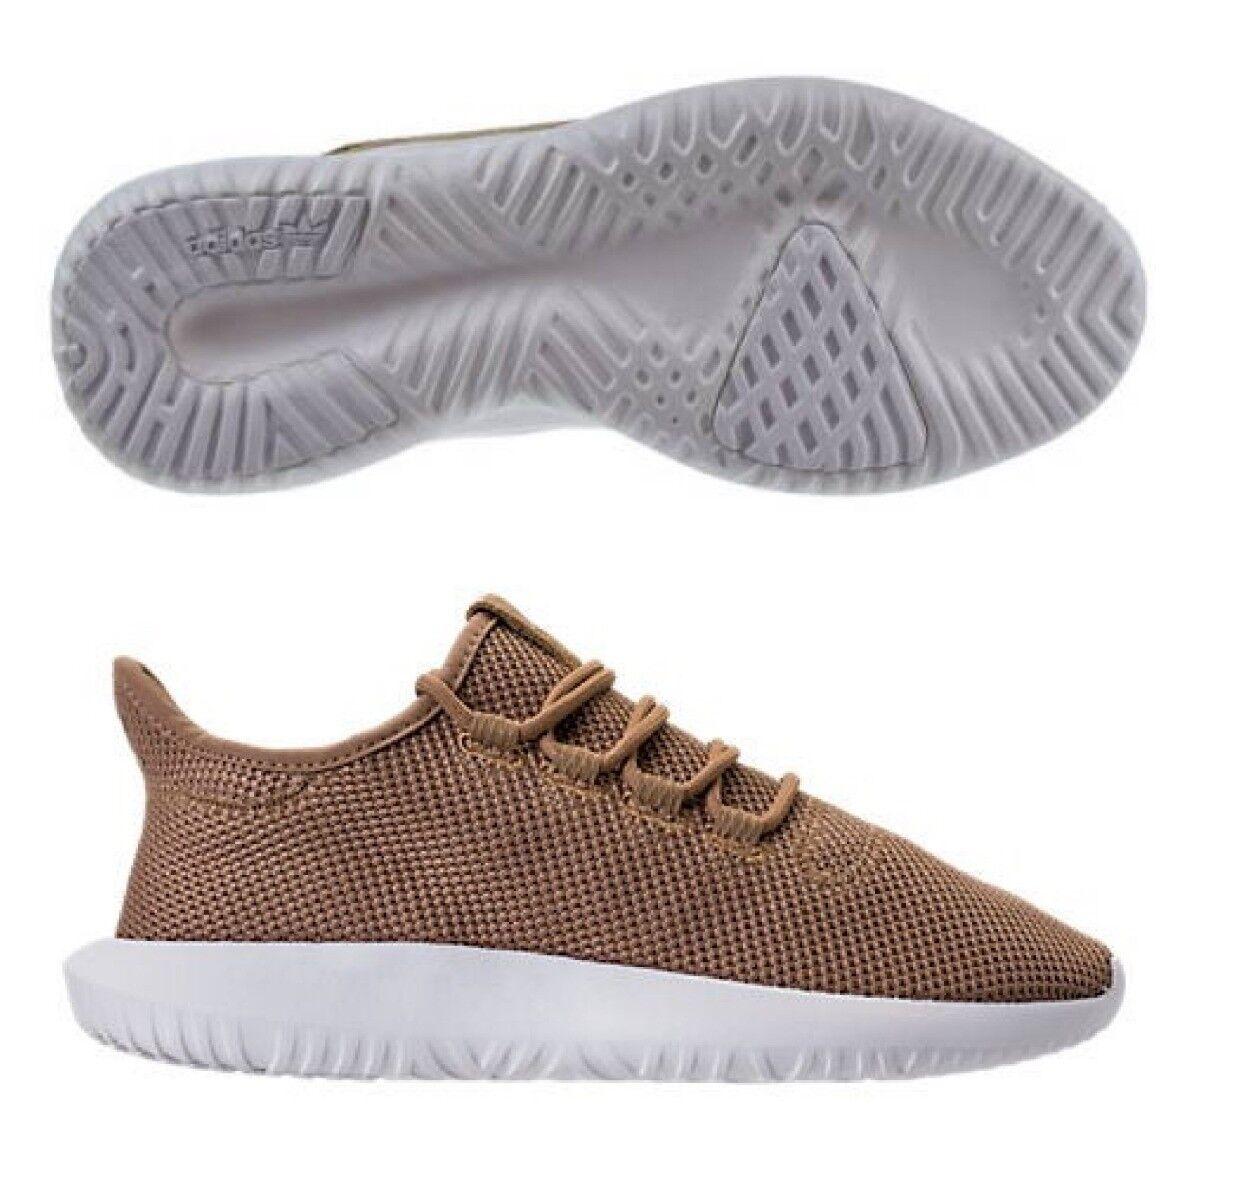 Adidas Tubular Shadow    Uomo Trainer Schuhe Größe 6.5 7 7.5 8 Running Schuhe  75/- 0c8599